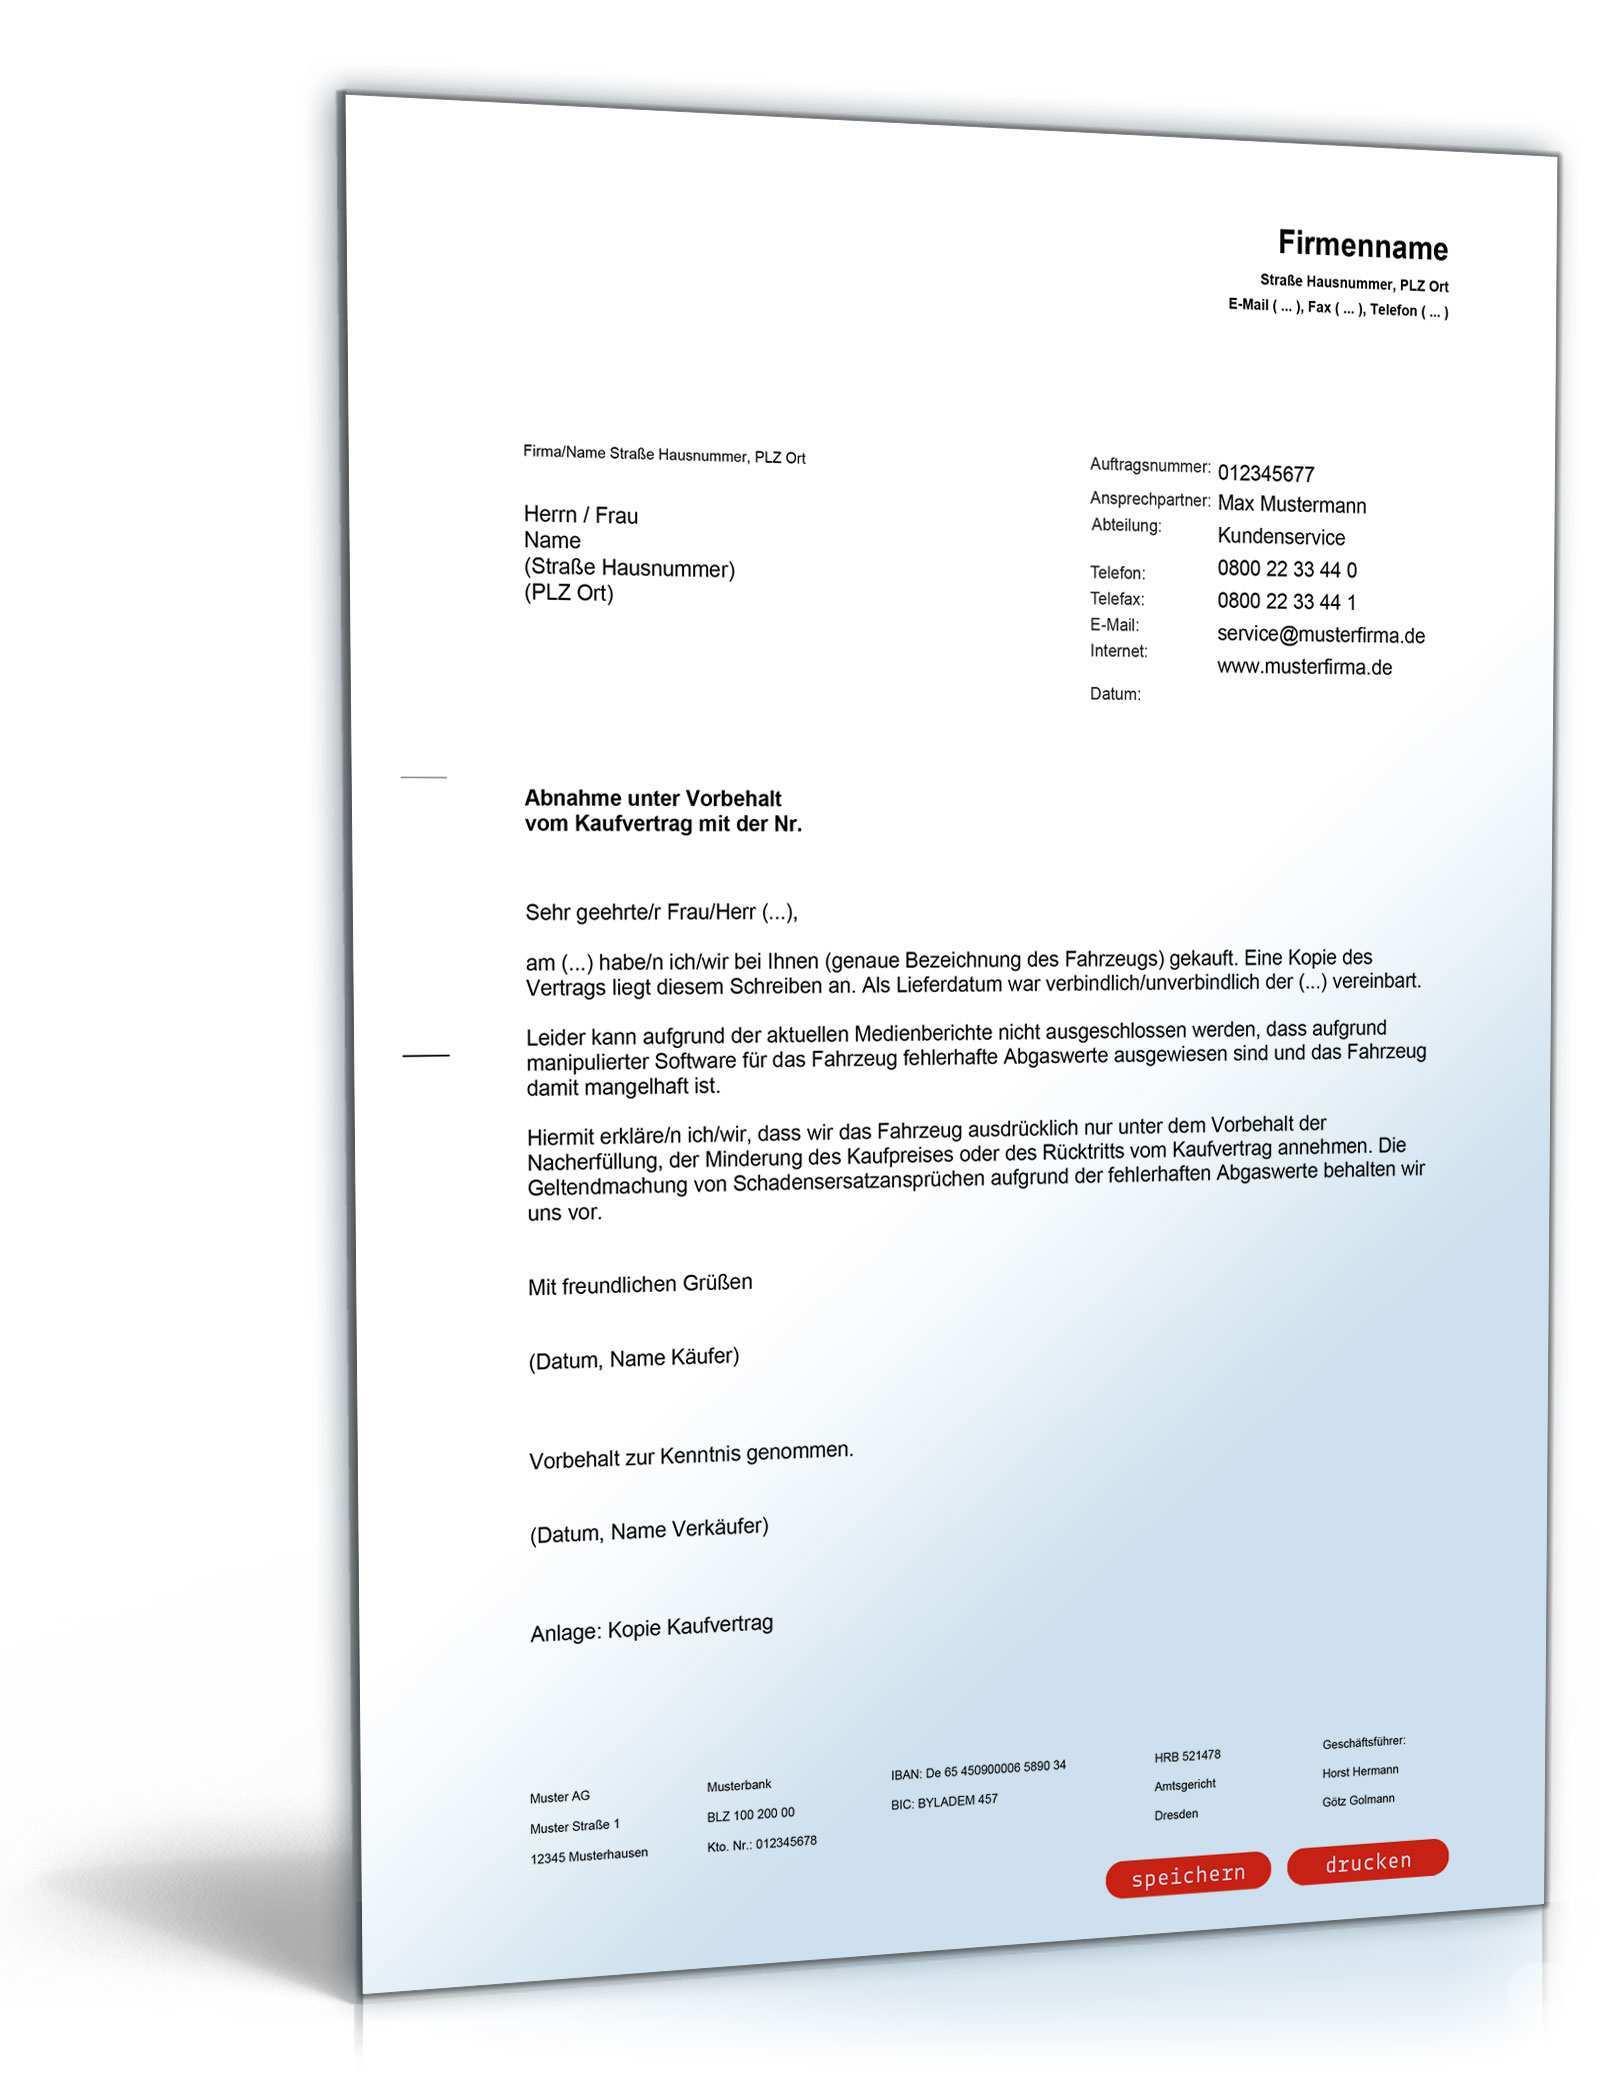 Verzicht Auf Einrede Der Verjahrung Bei Pkw Mit Manipulierter Software De Musterbrief Download